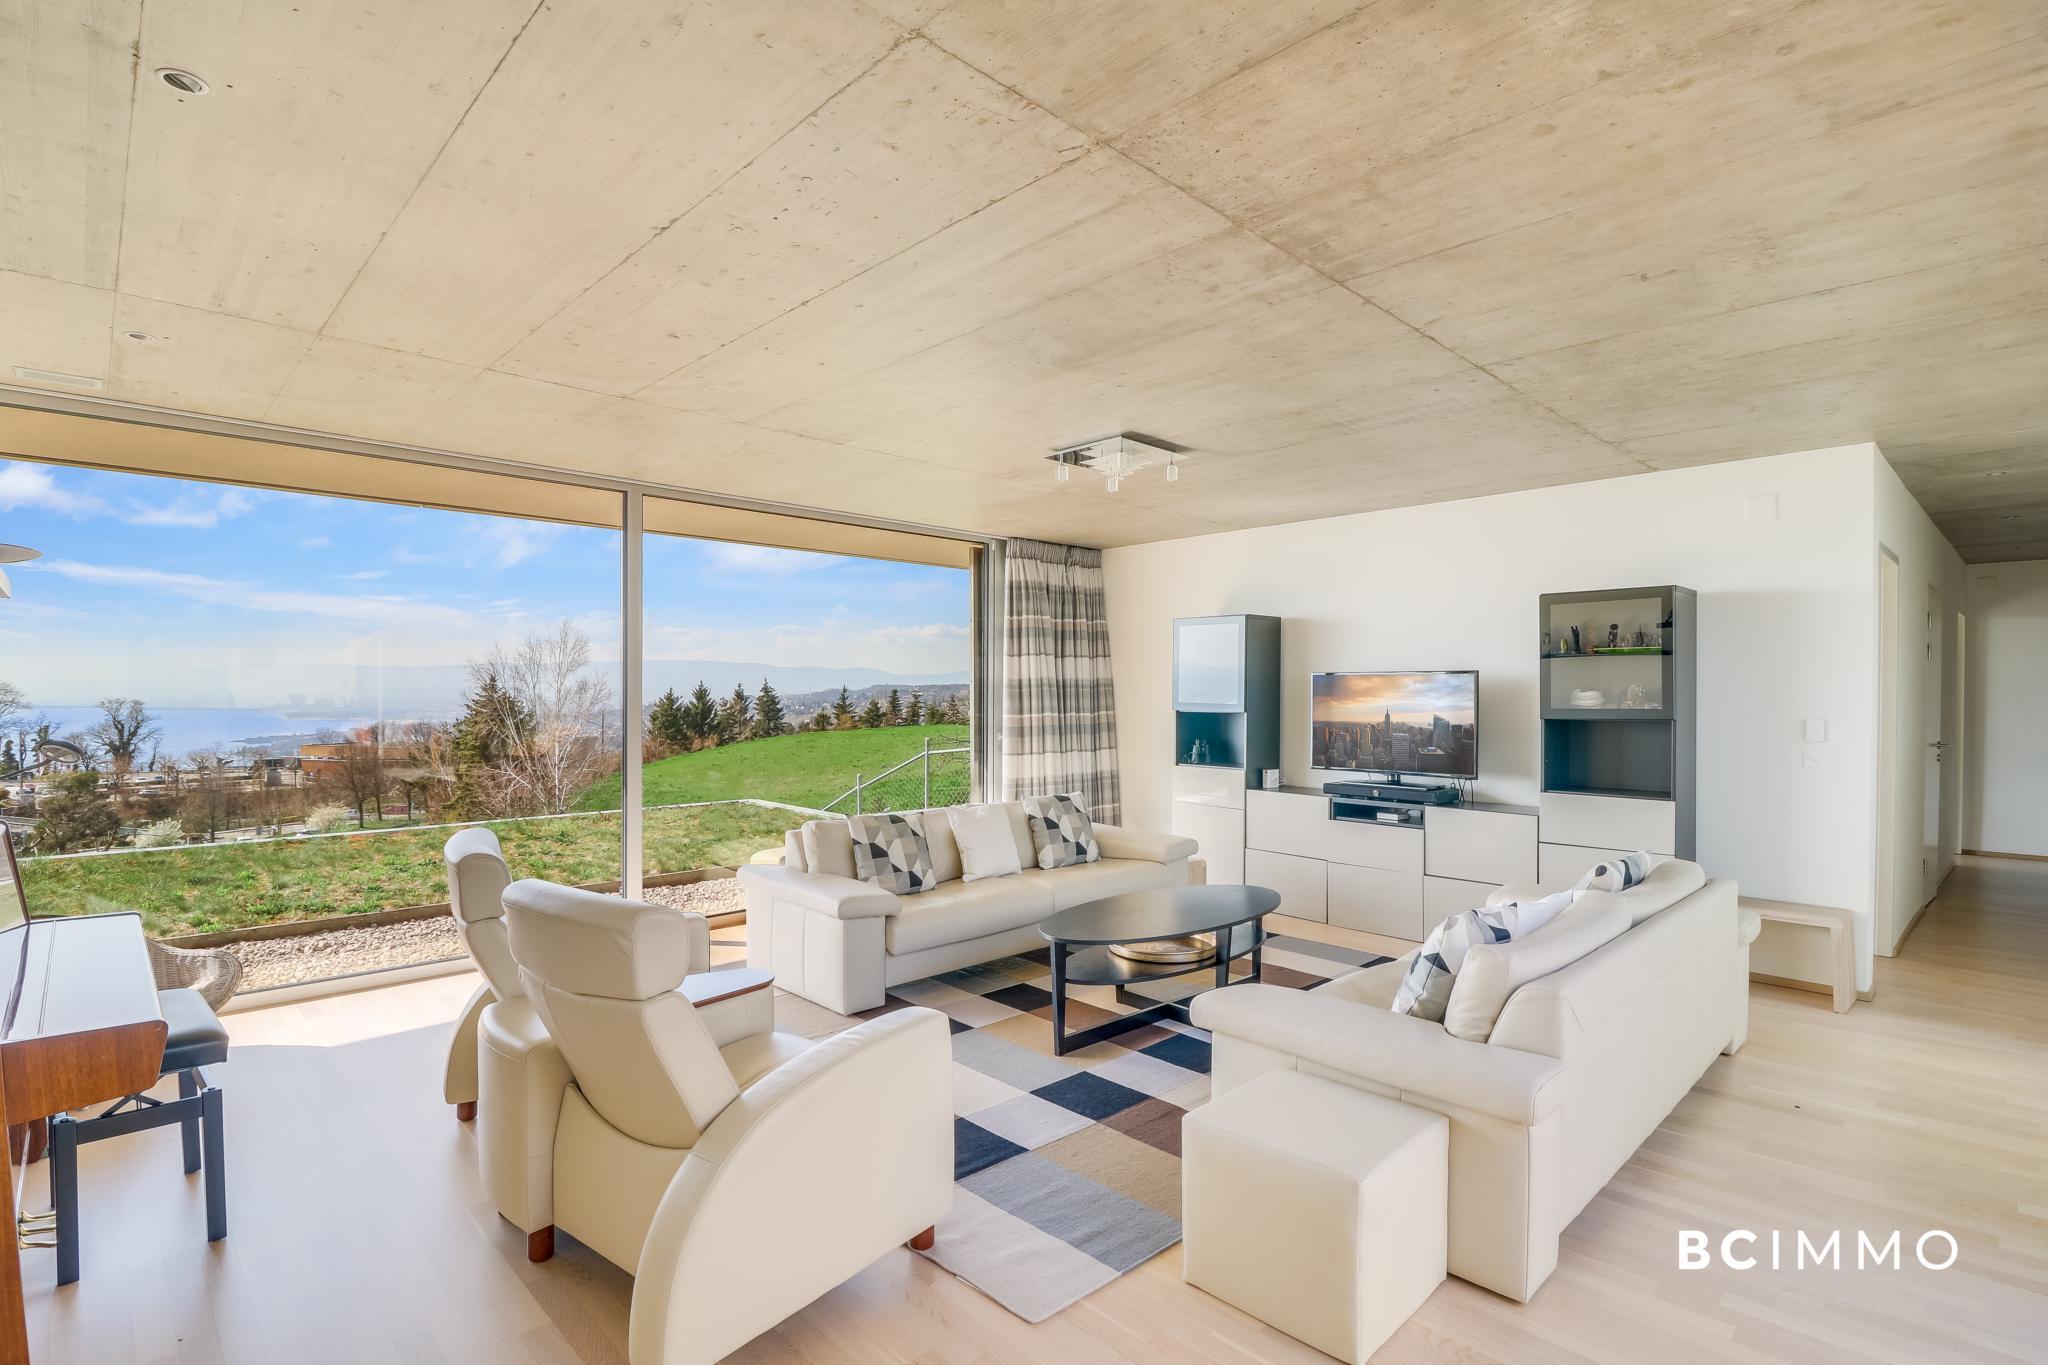 BC Immo - Appartement contemporain avec vue panoramique - 1091HB21A